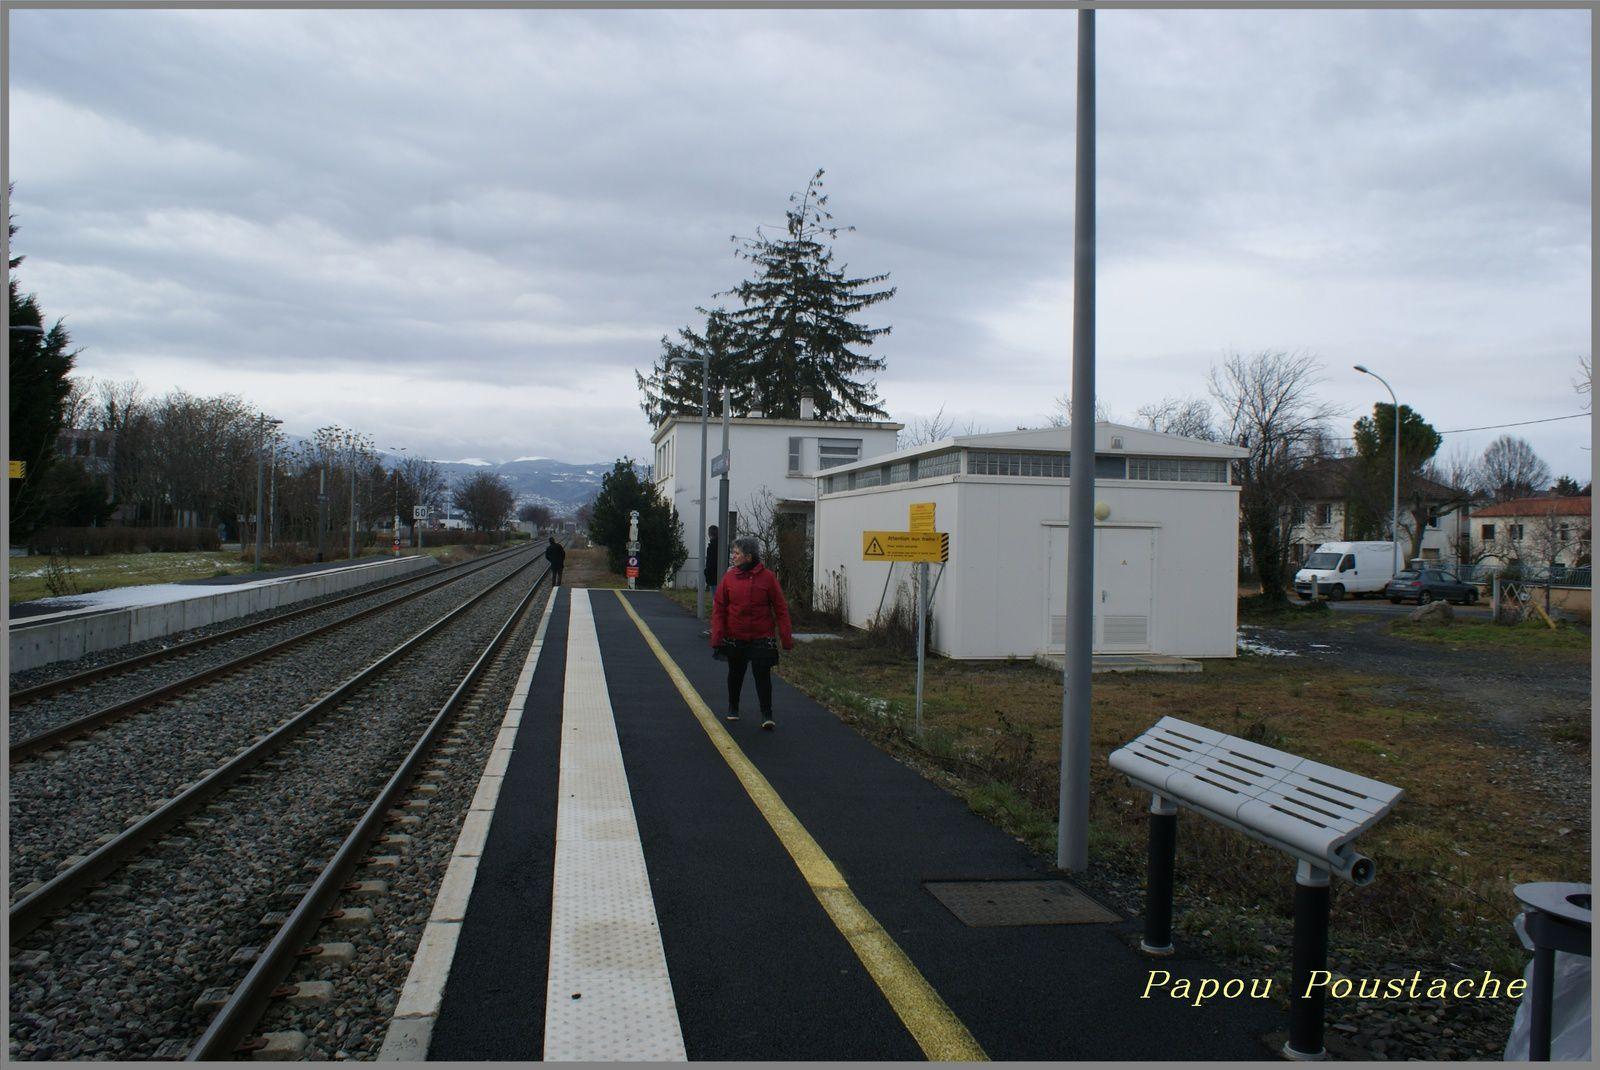 La Gare d'Aulnat